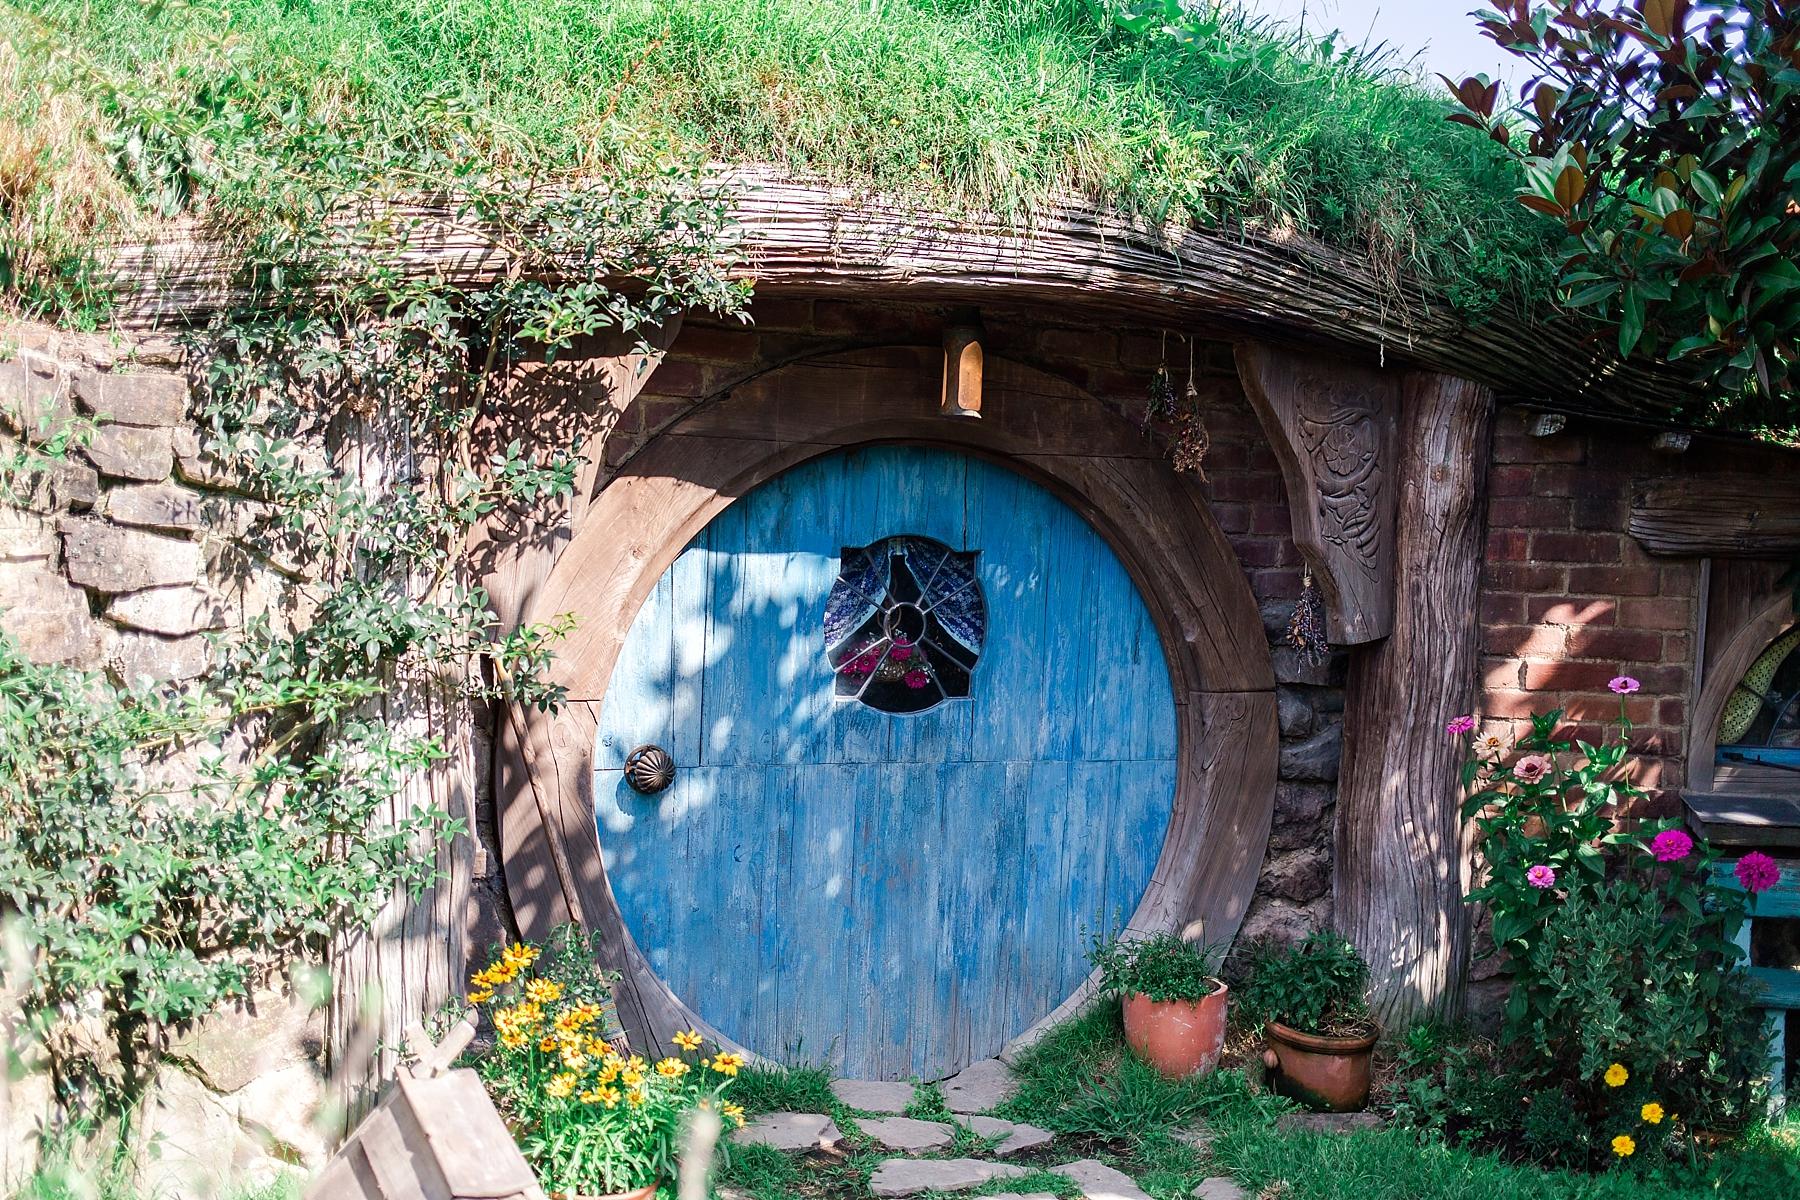 hobbiton-movie-set-matamata-hamilton-north-island-new-zealand-scenery_0240.jpg